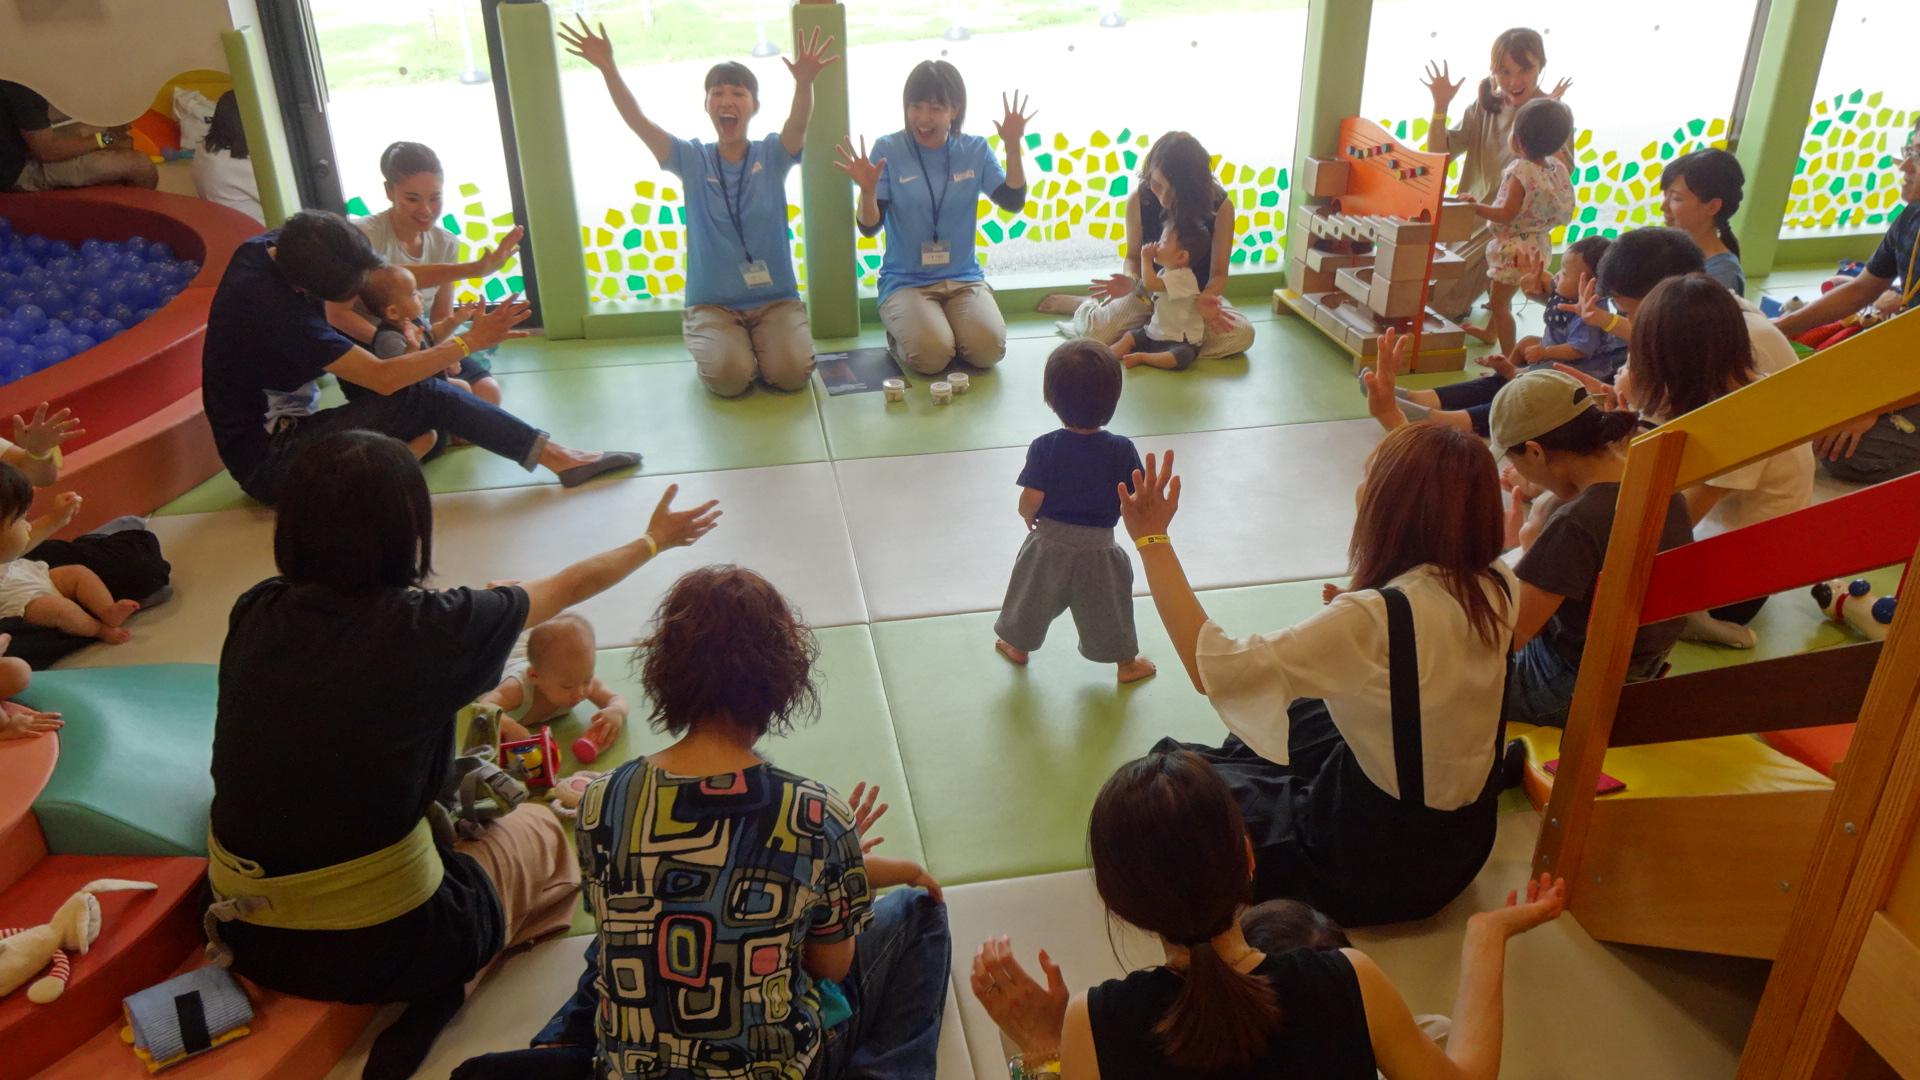 9月4日(水)に開催したベビーイベントの様子